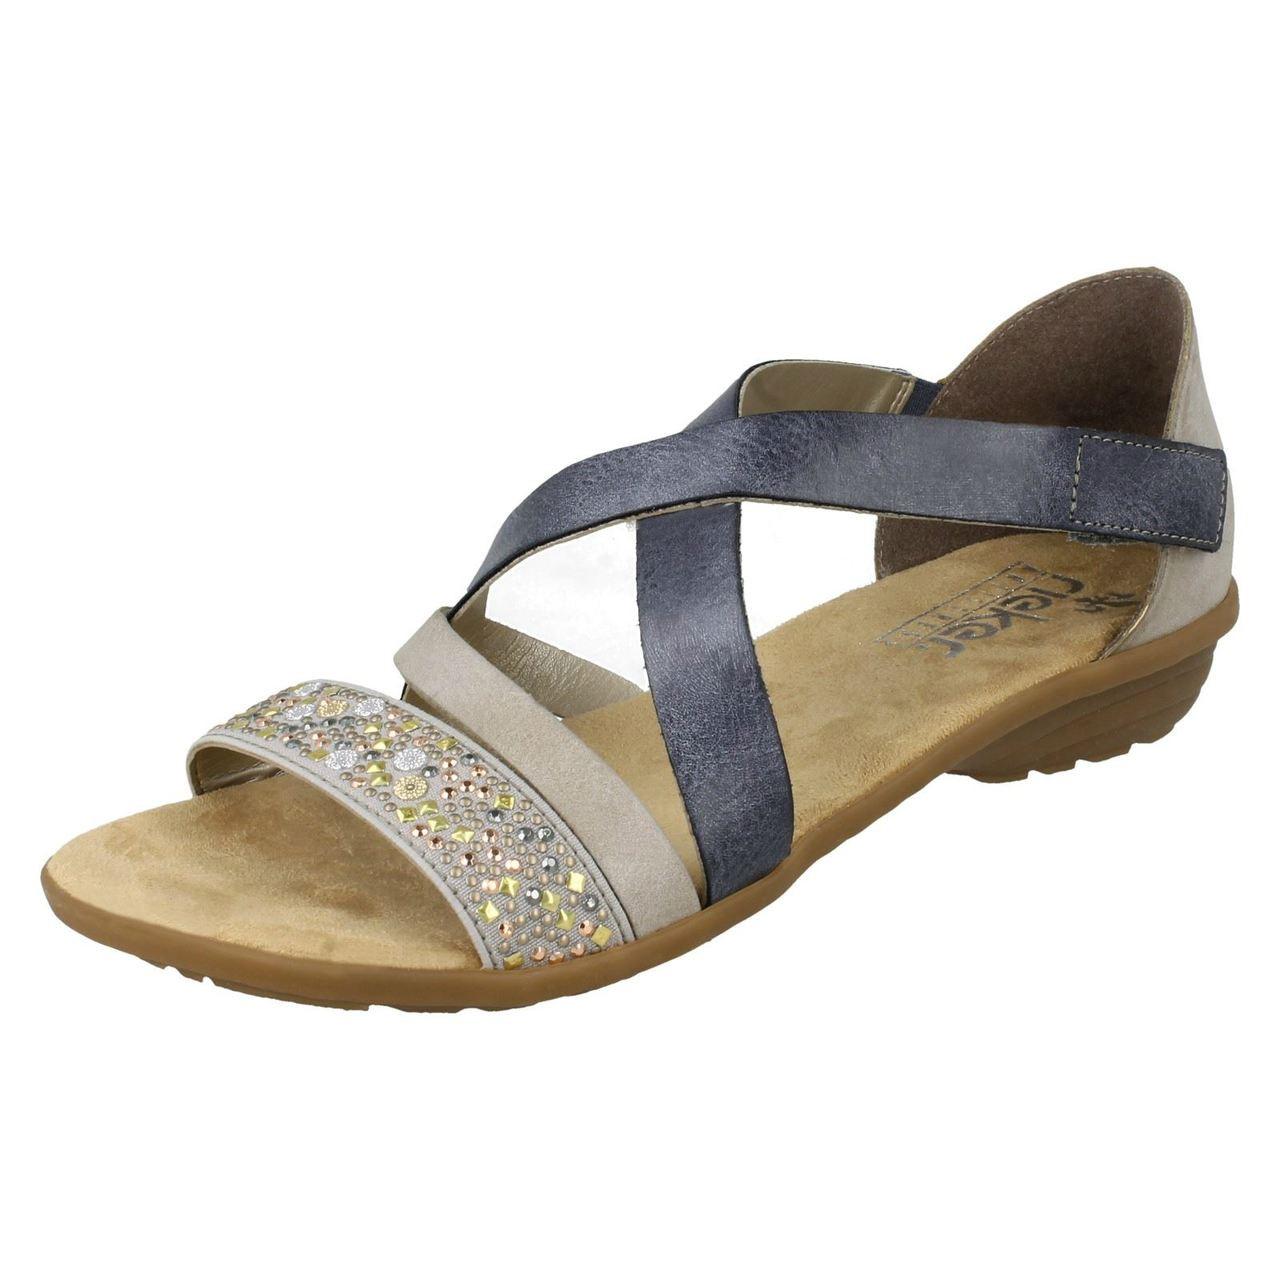 Ladies Rieker Strappy Sandals V3405